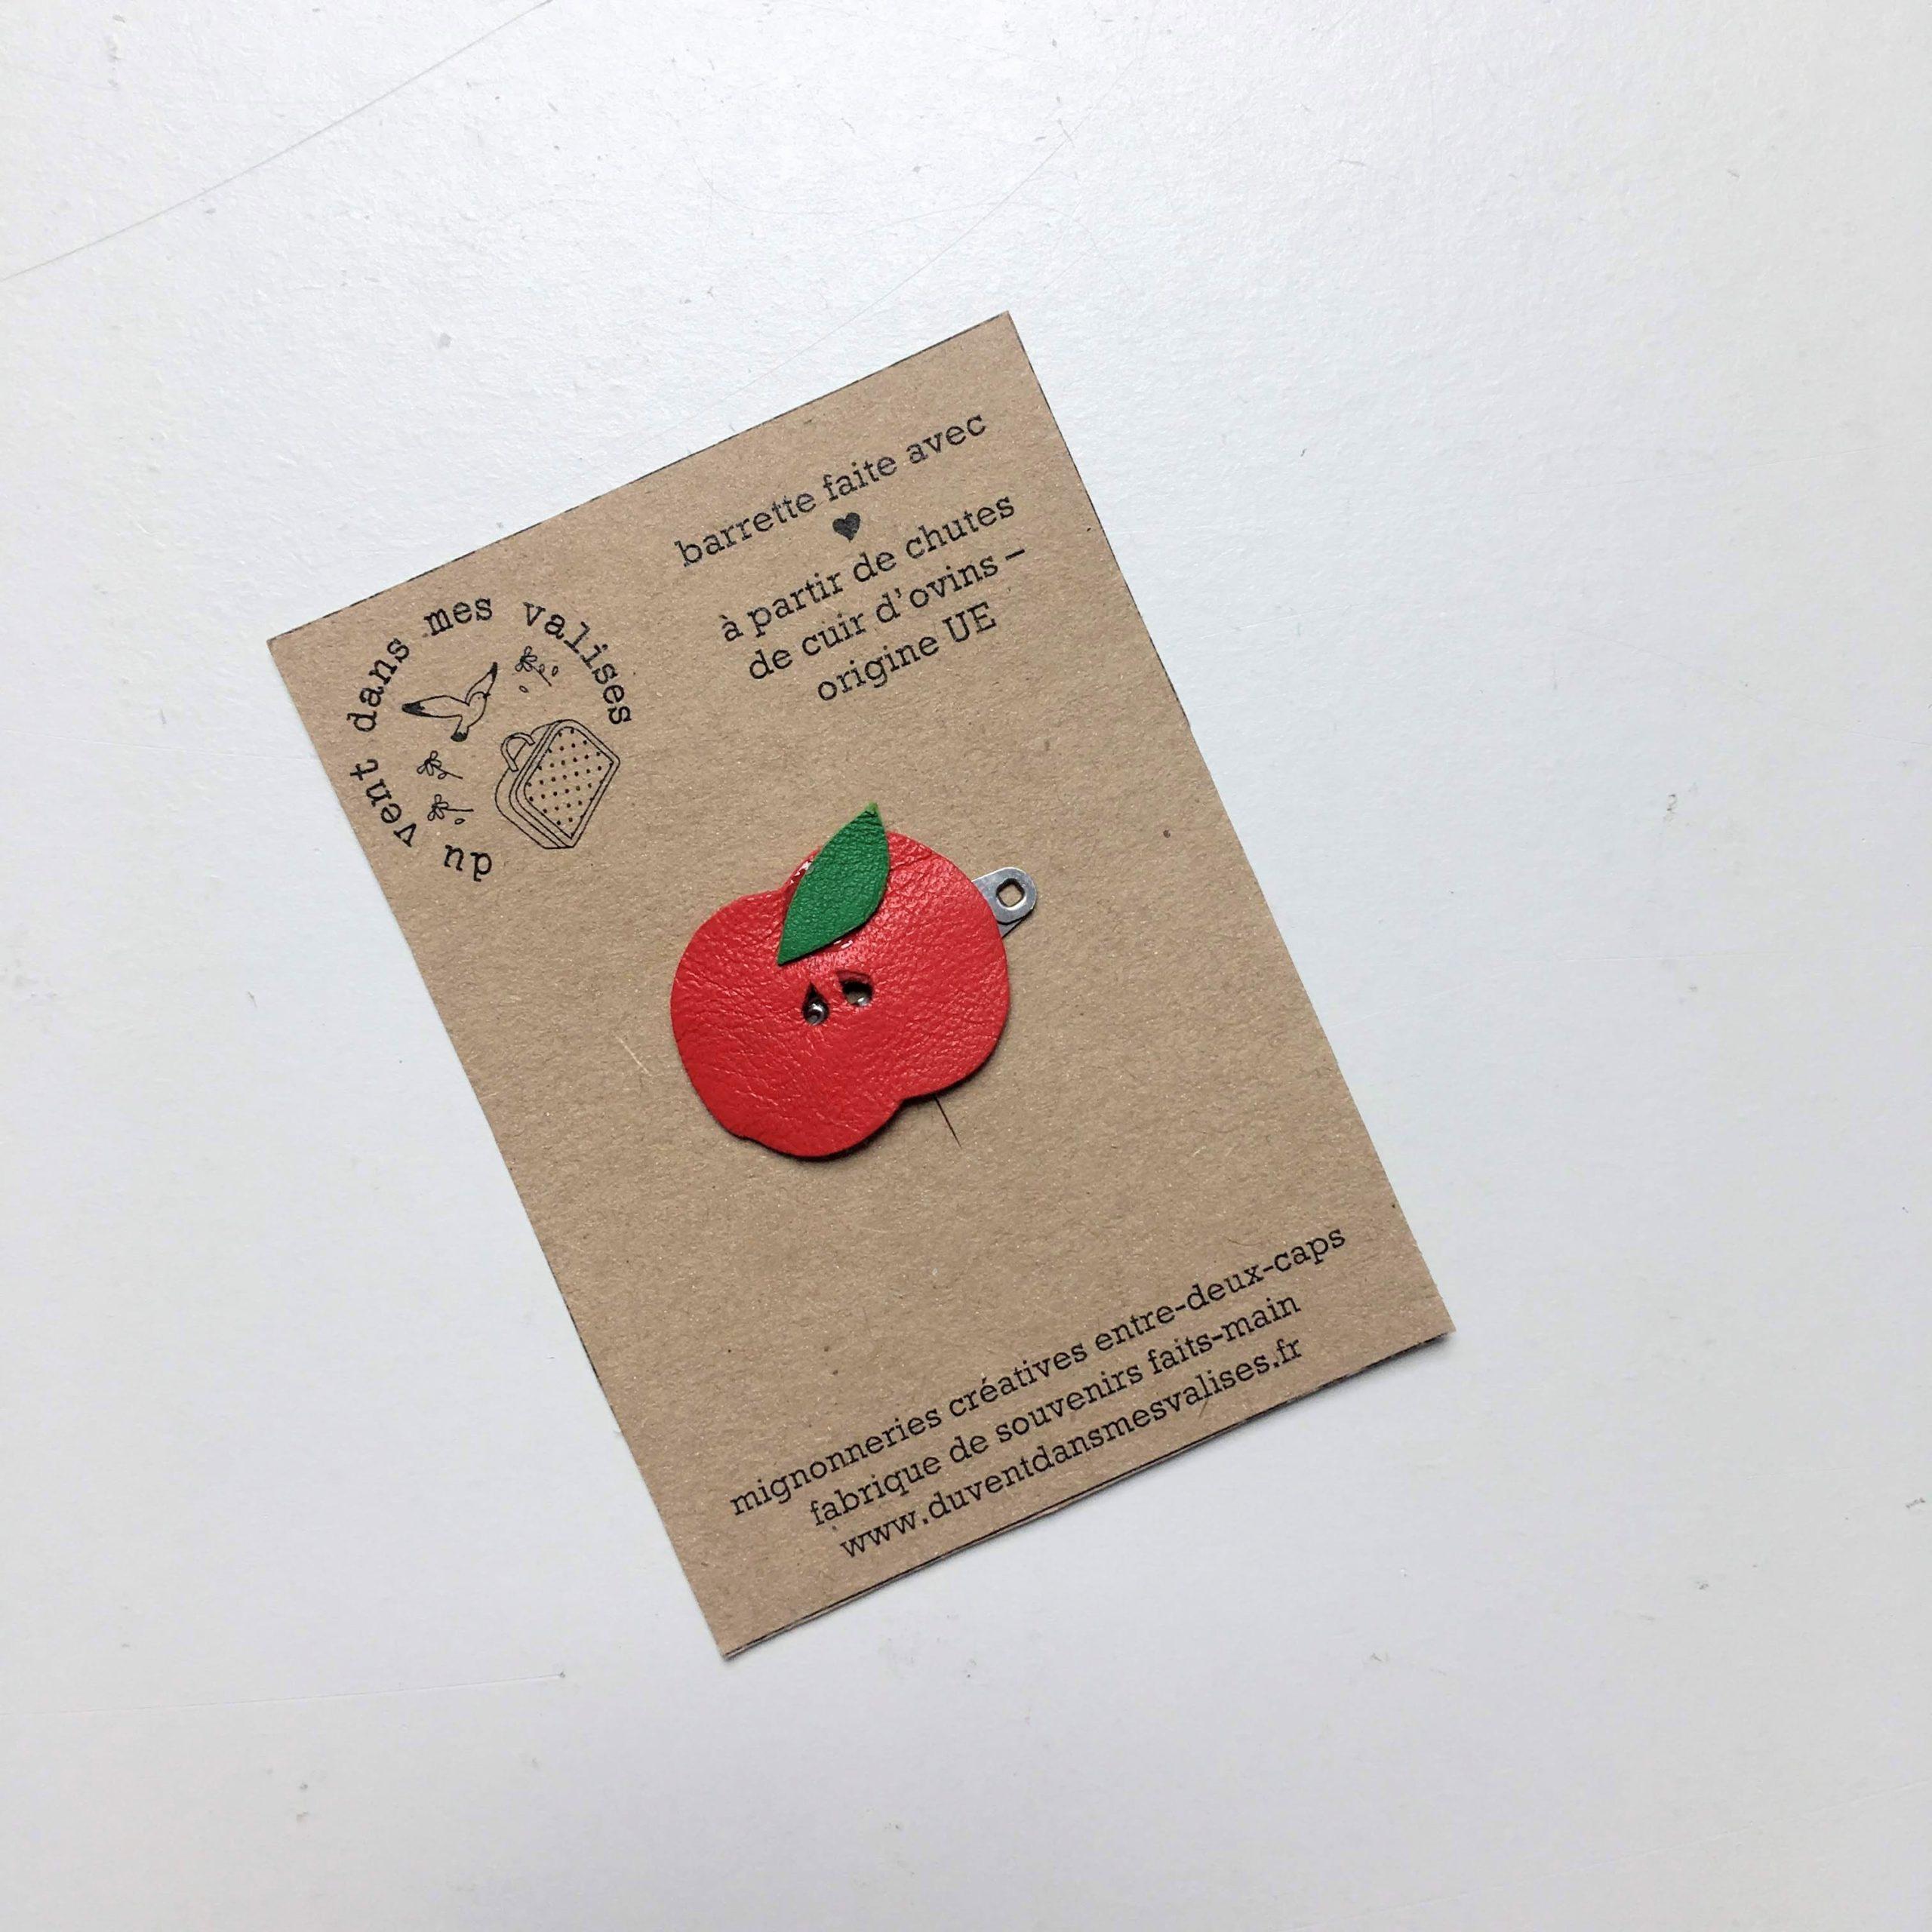 du vent dans mes valises - barrette pomme cuir made in France